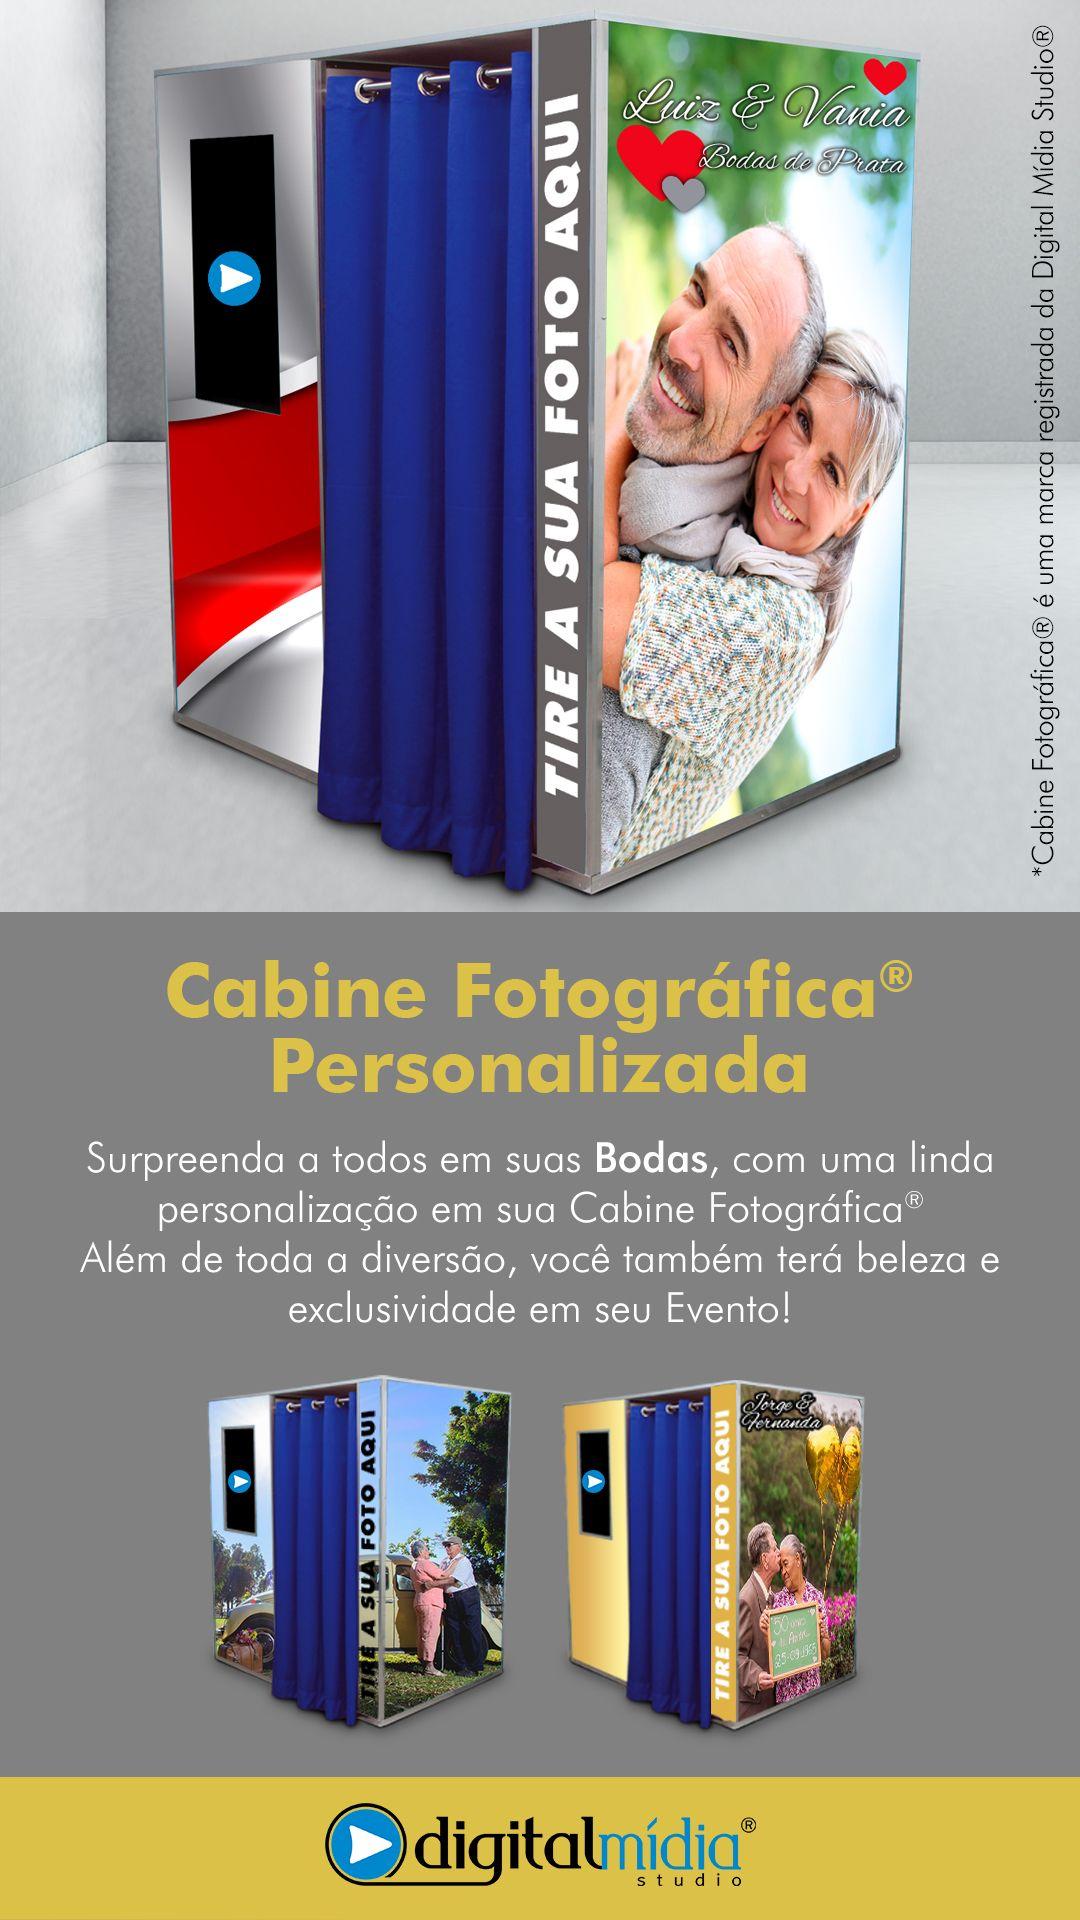 Cabine Fotográfica® Personalizada